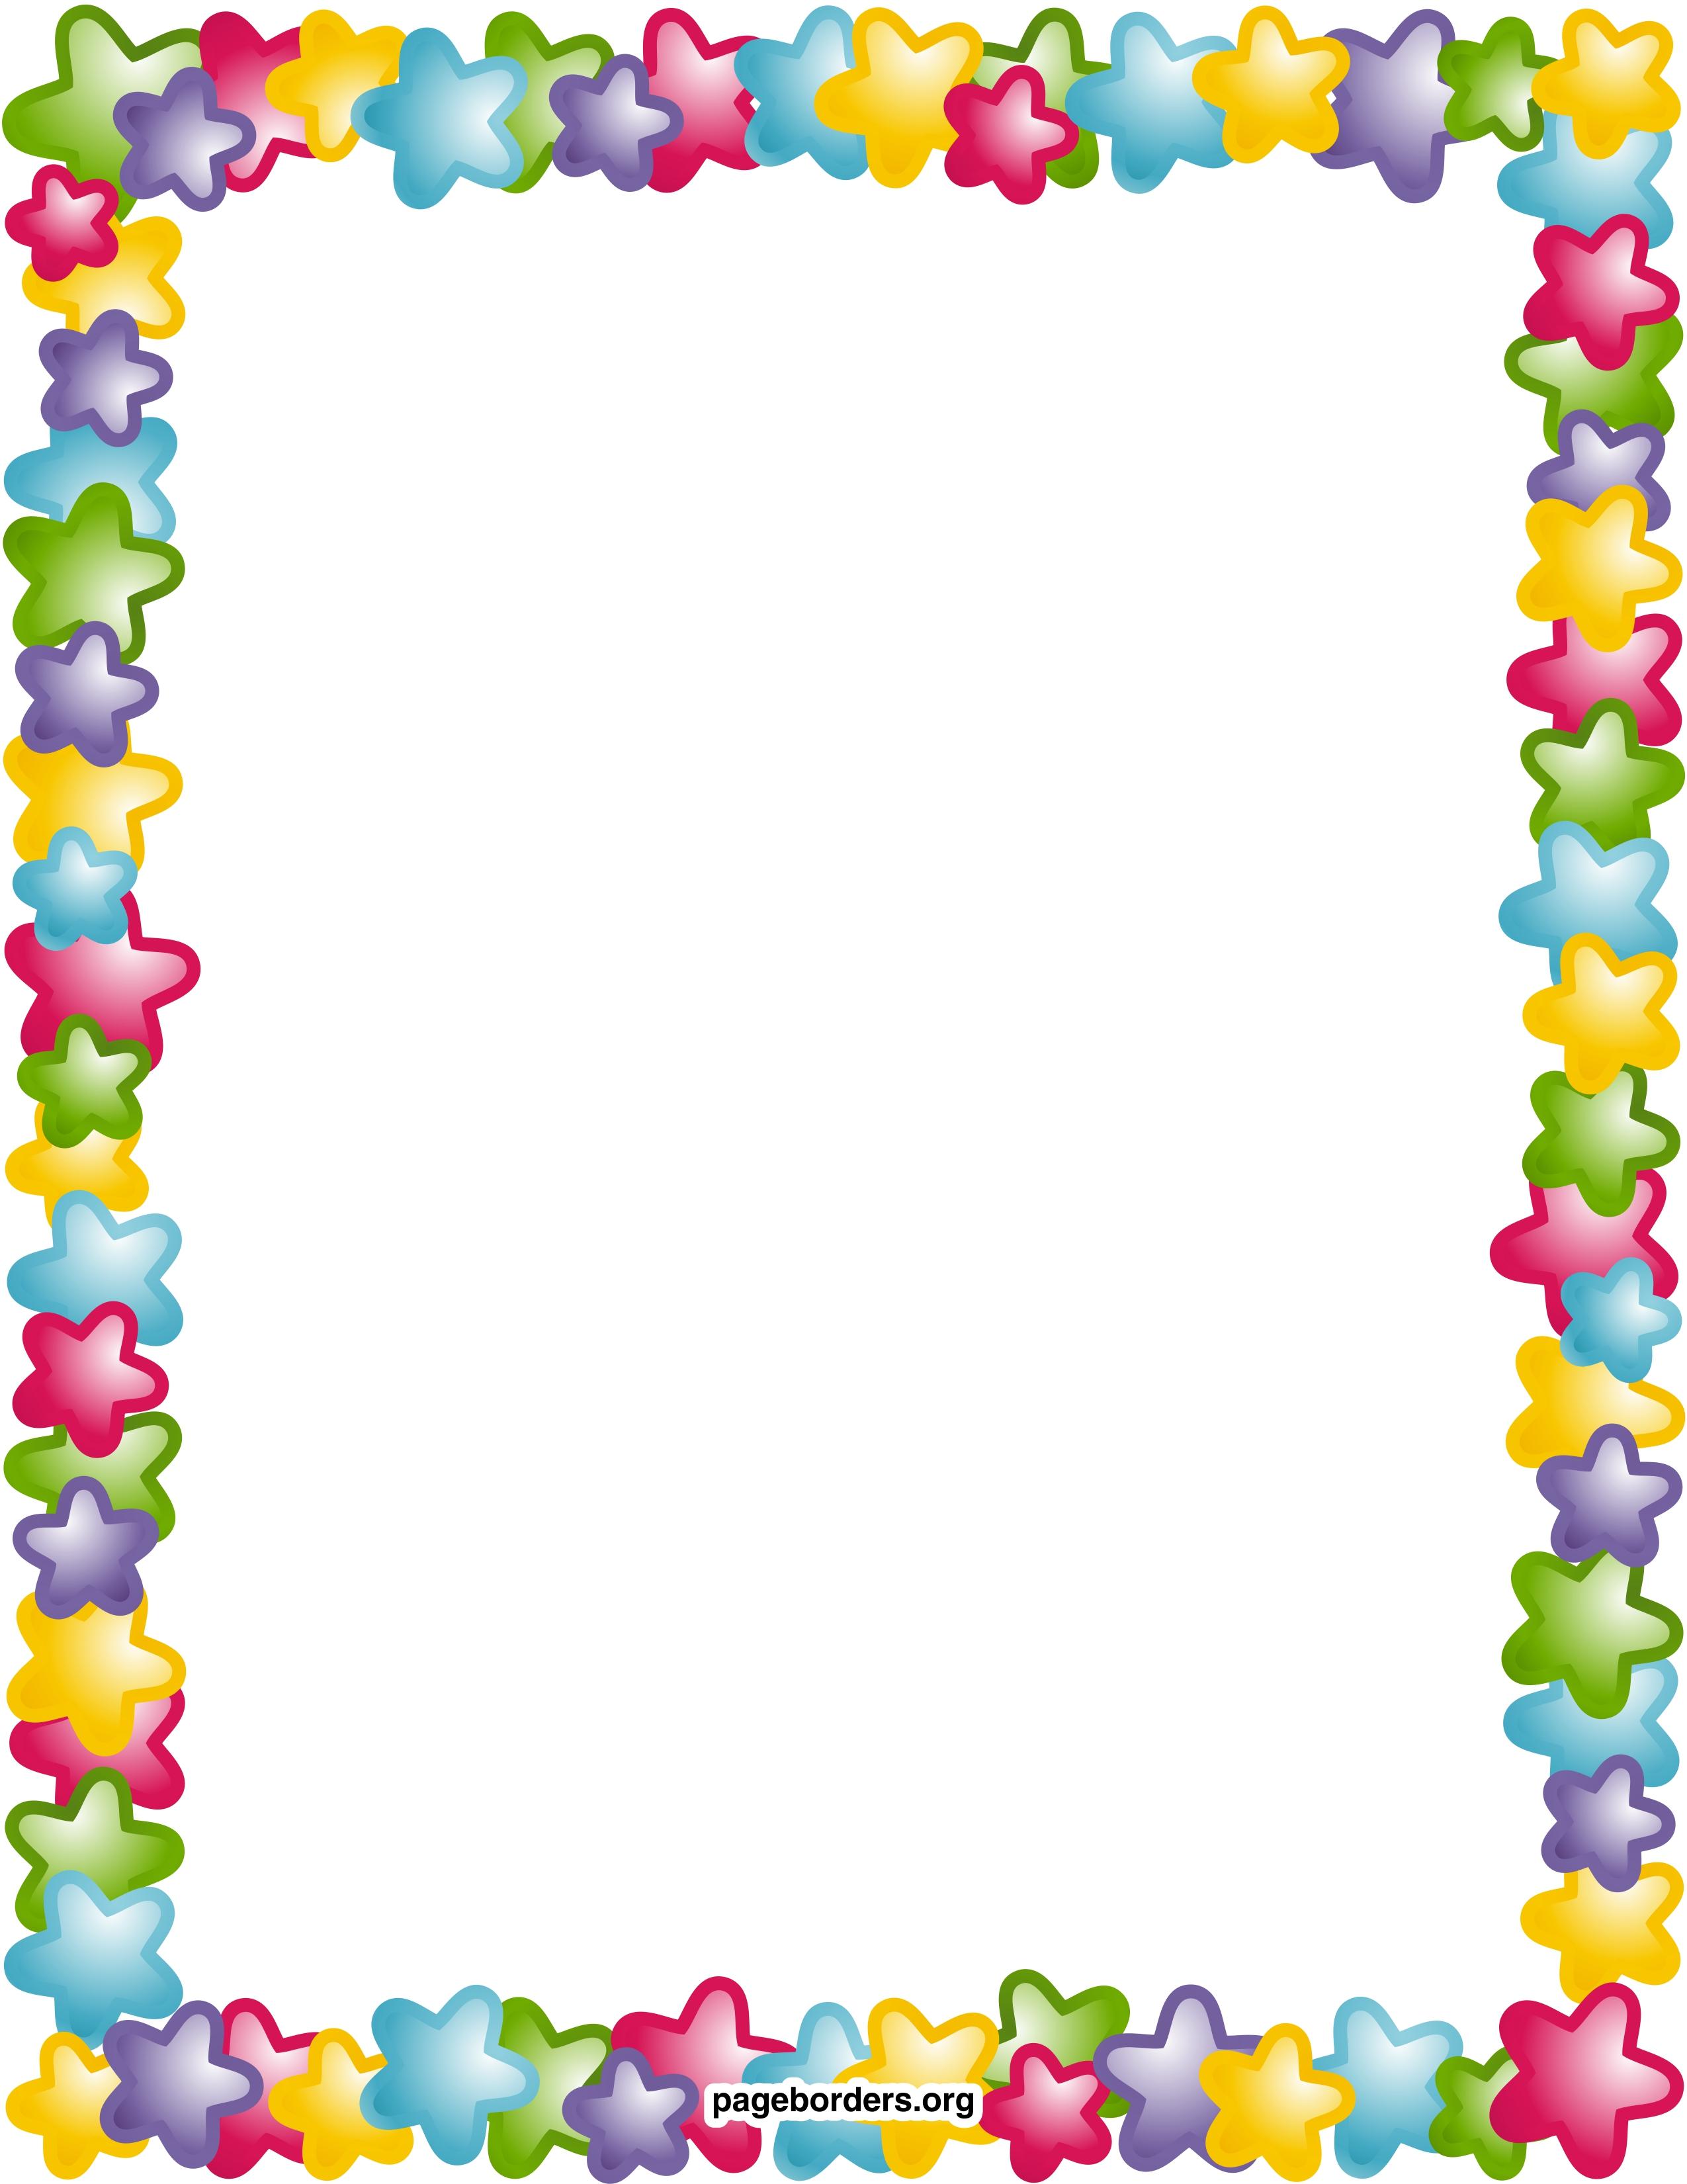 u003cbu003eStar Border Clip Art Clipartu003c/bu003e Panda Free u003cbu003eClipartu003c/bu003e Images